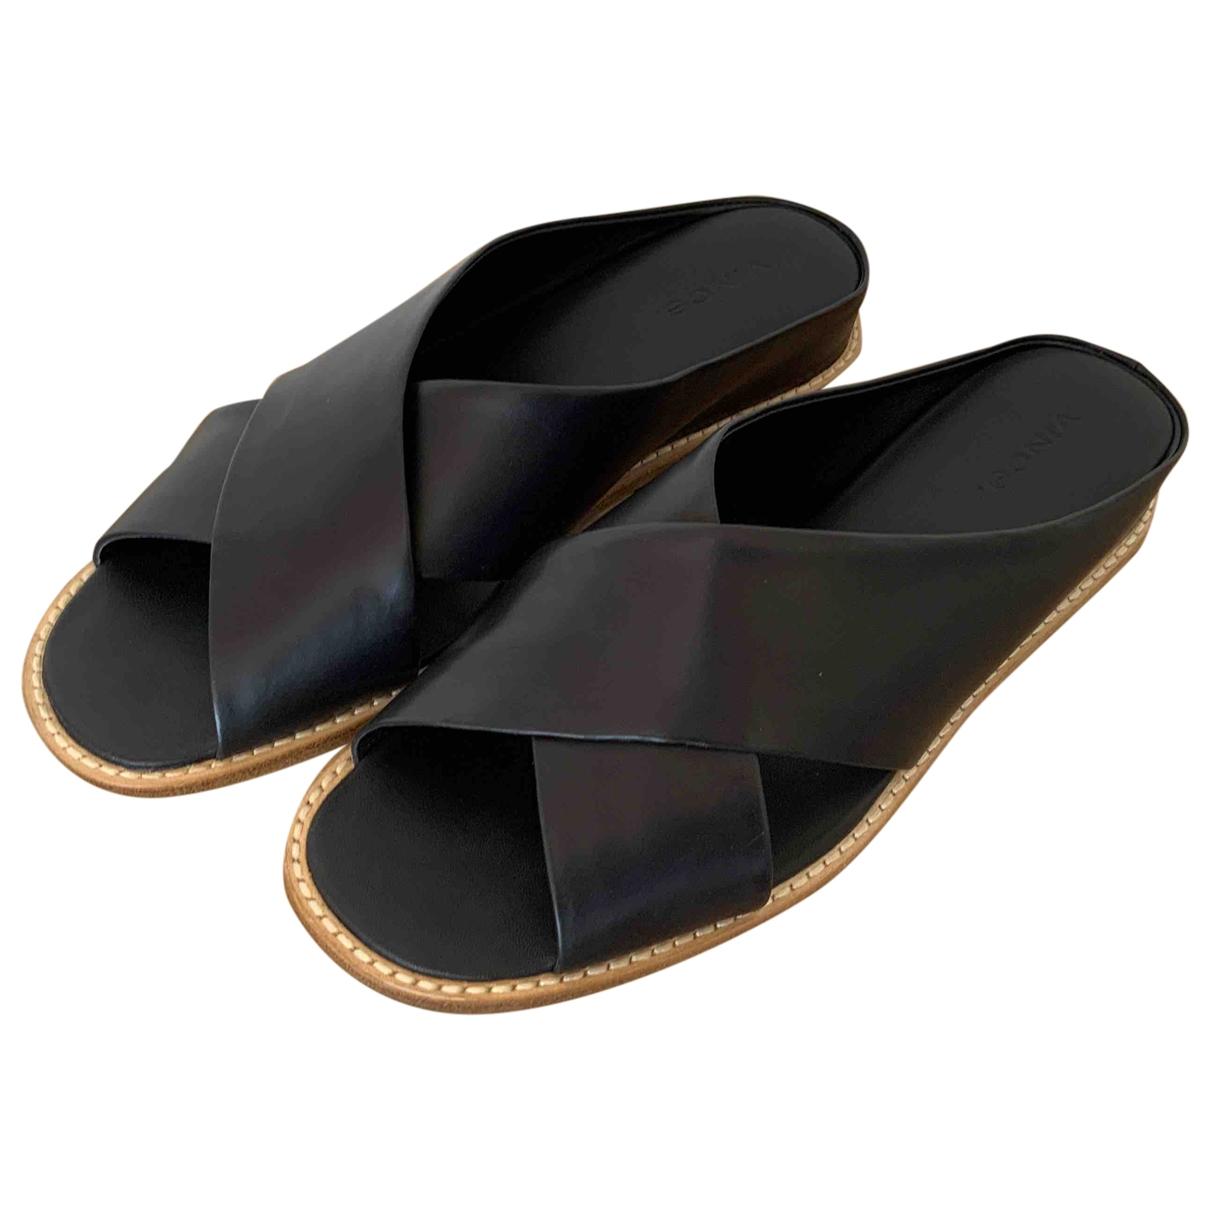 Sandalias romanas de Cuero Vince